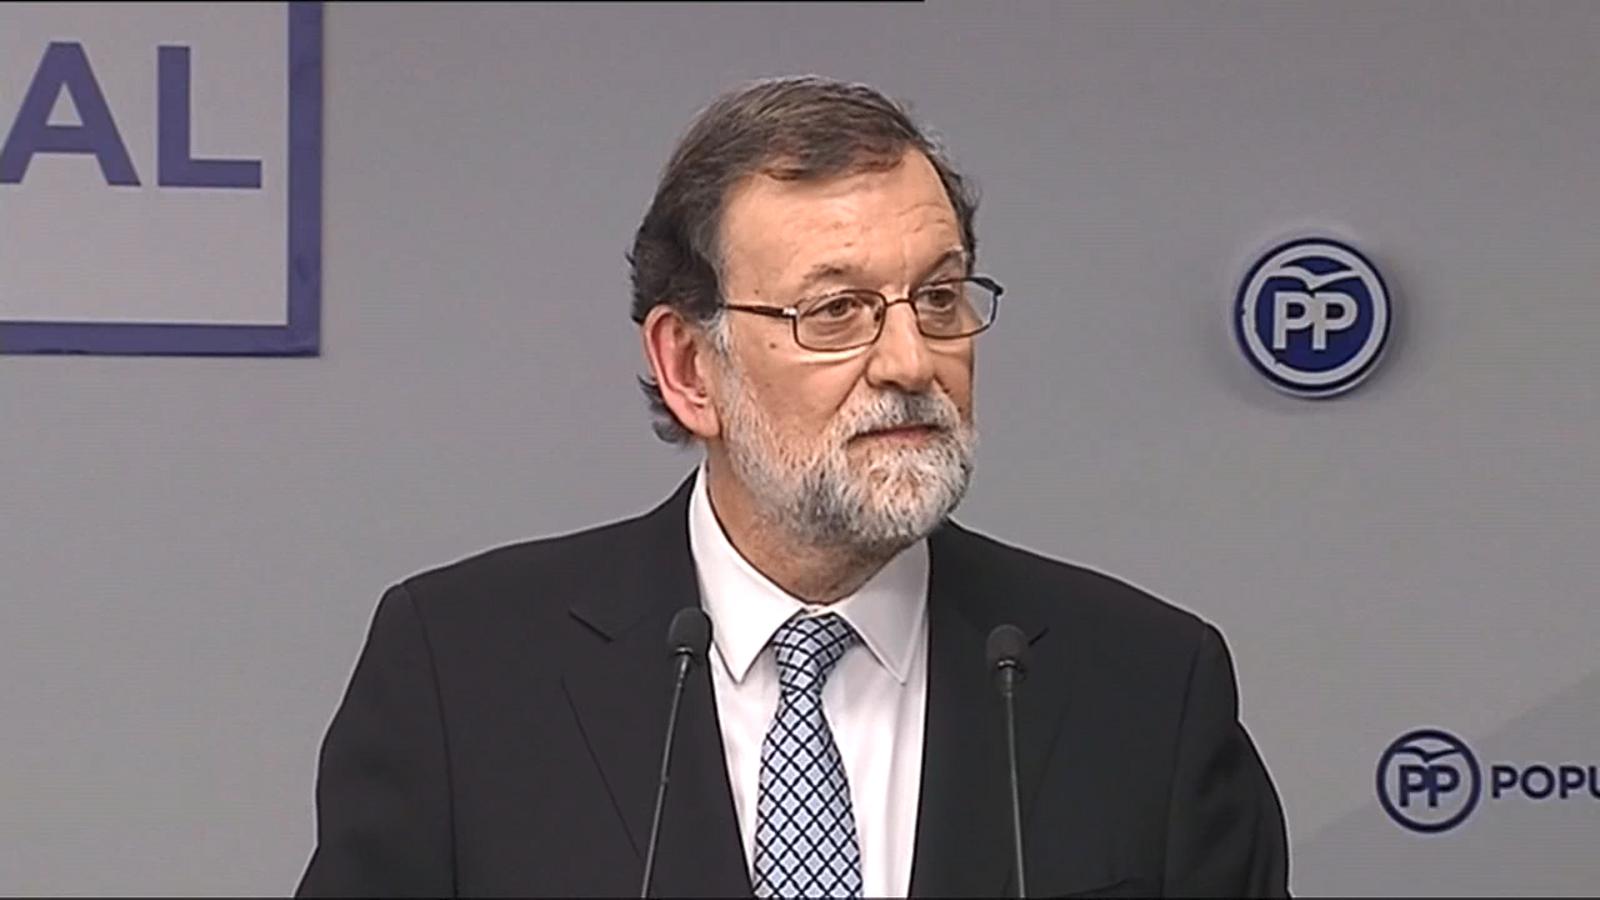 Rajoy anuncia que deixarà la presidència del PP després d'un congrés extraordinari